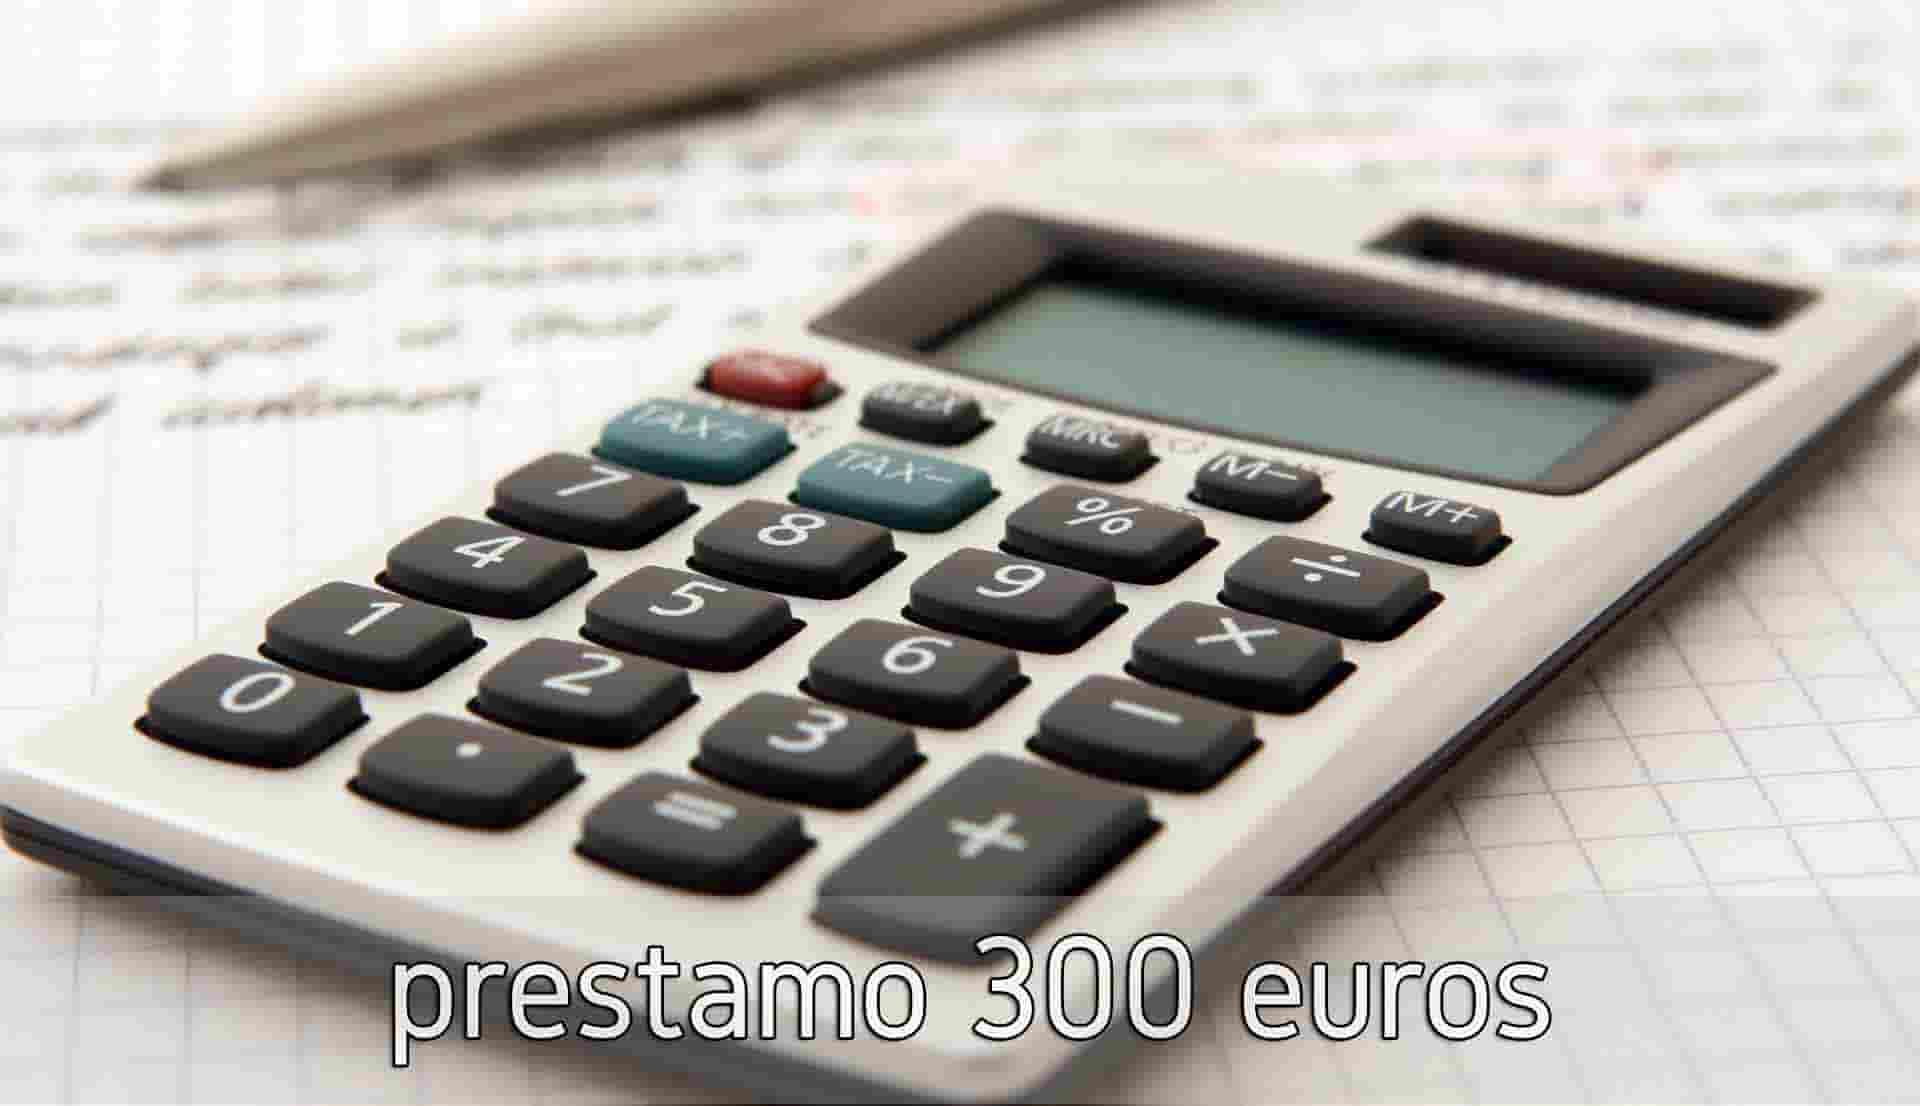 prestamo 300 euros